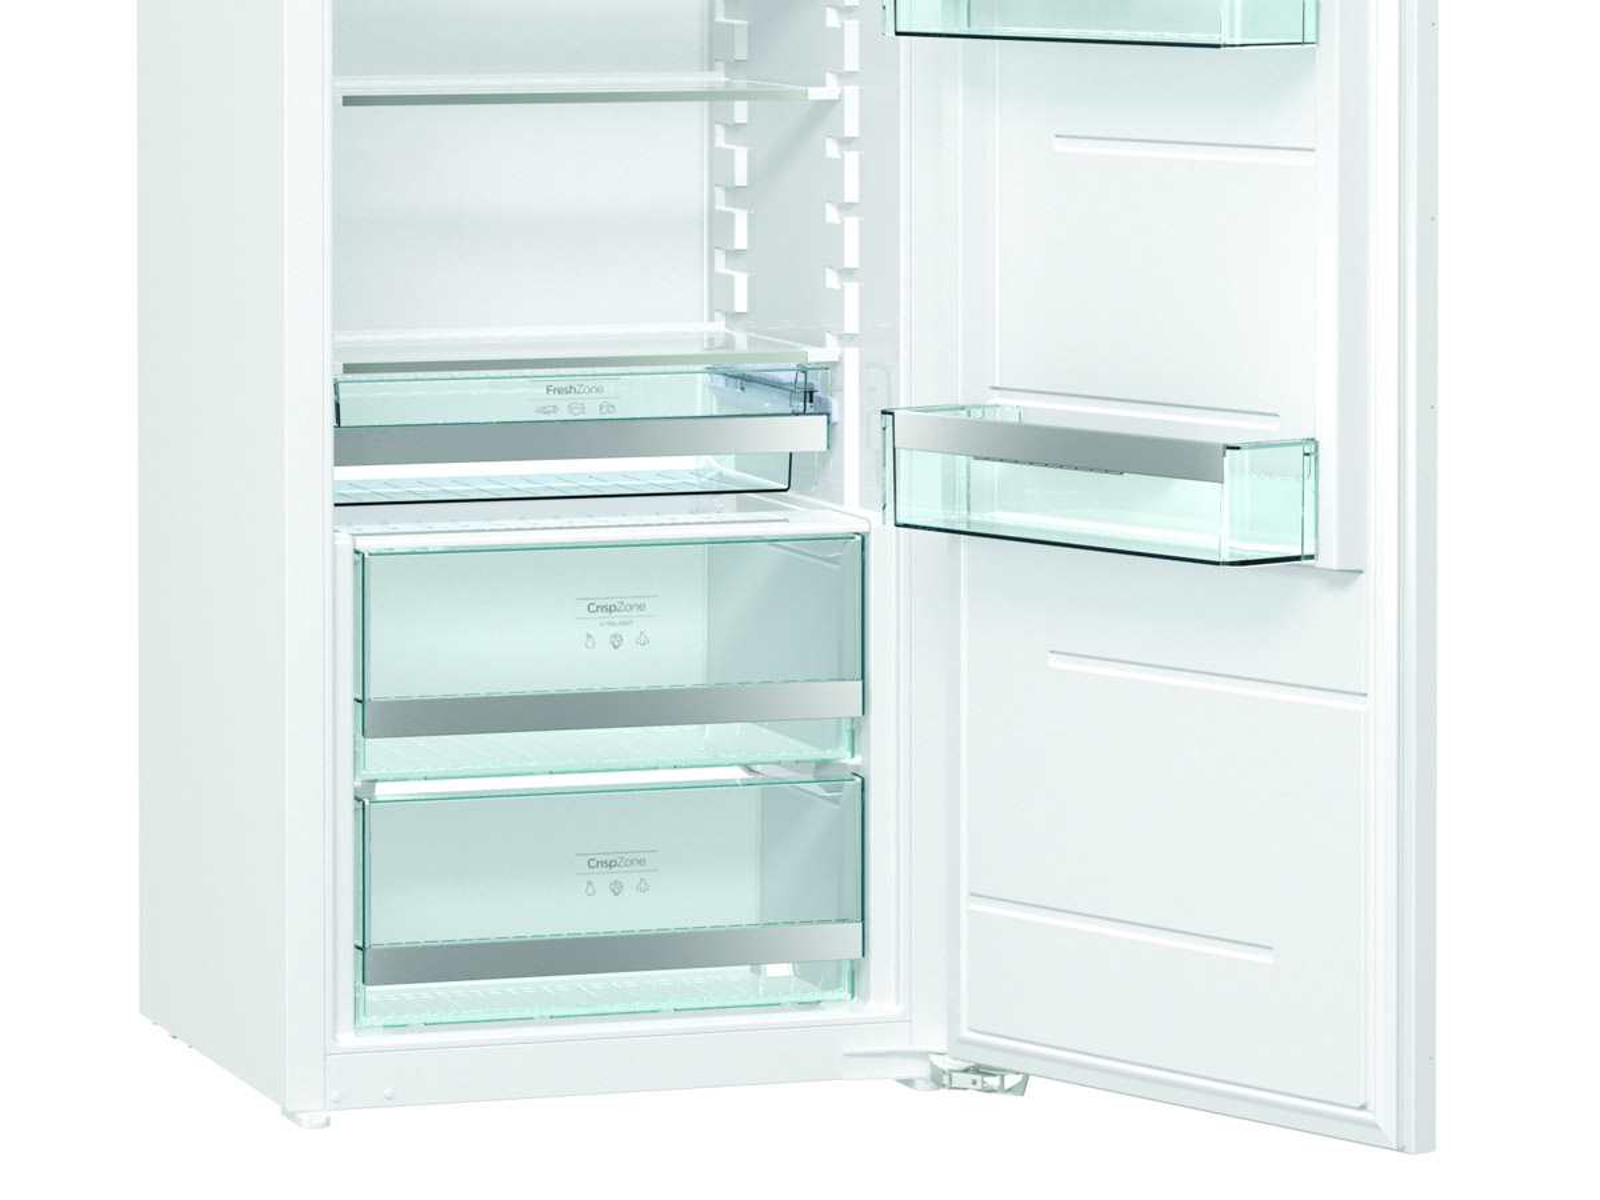 Gorenje RBI 5183 A1 Einbaukühlschrank mit Gefrierfach